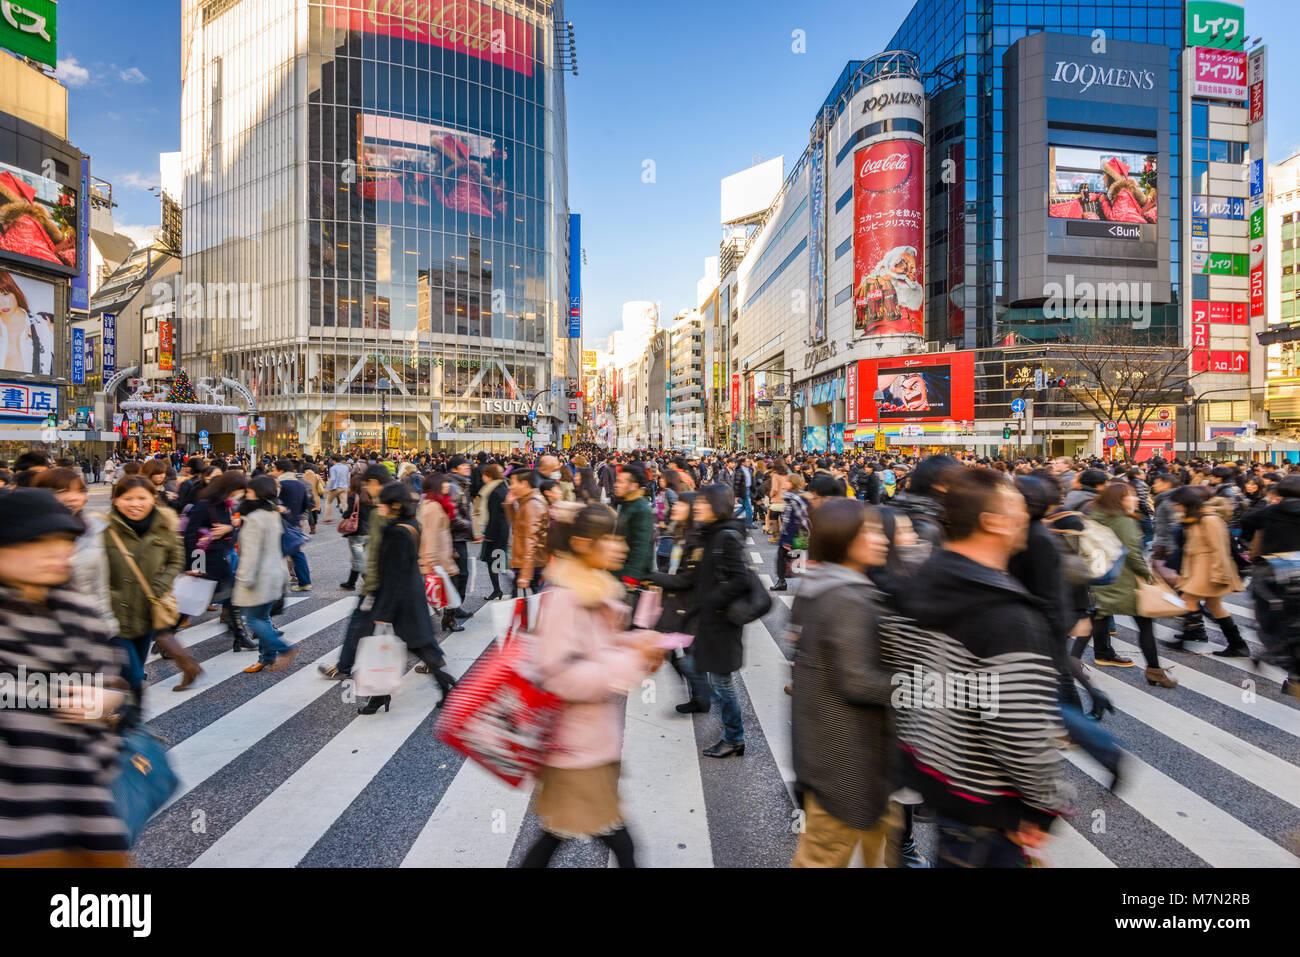 Diciembre 24, 2012 - TOKIO, JAPÓN: peatones cruce Shibuya, uno de los pasos de peatones más concurrido Imagen De Stock